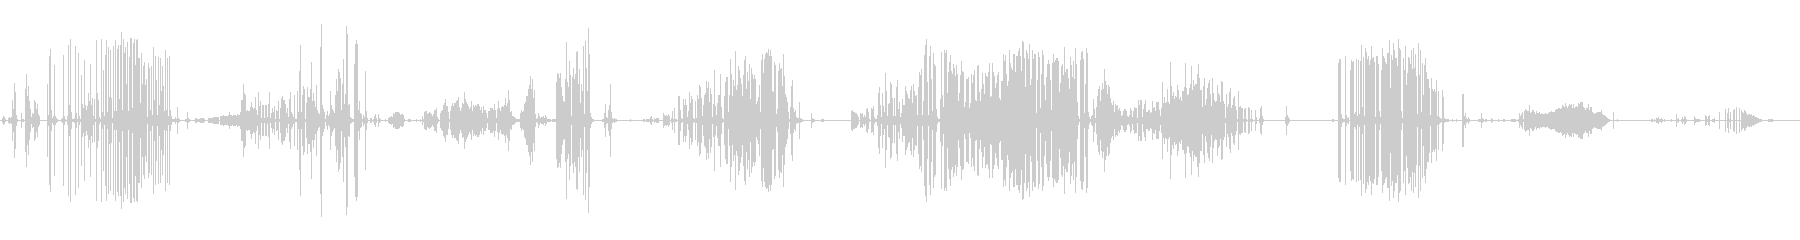 ロング、ラスパイツイストバルーンクリークの未再生の波形